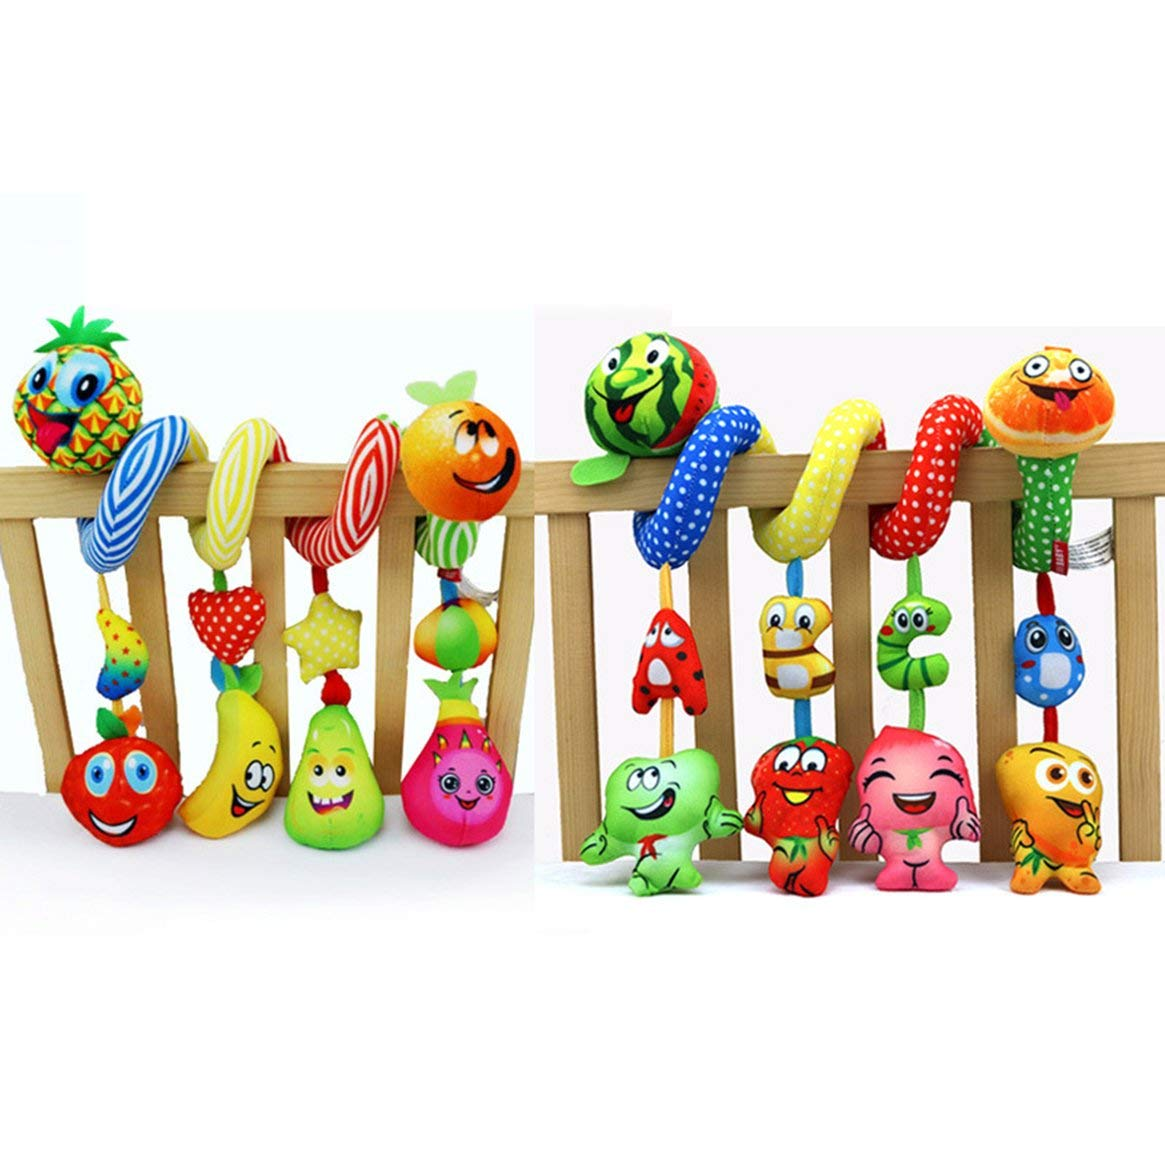 Delicacydex Juguetes Para Bebé Educativos Moviles Niños Sonajeros sQChdxrt